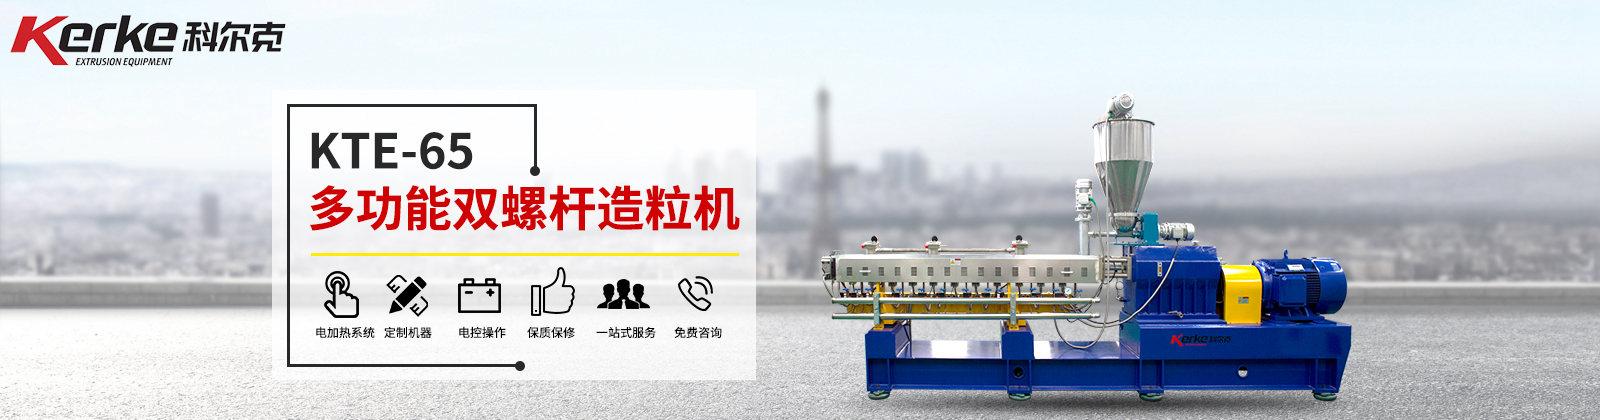 65色母粒双螺杆挤出机,水冷拉条双螺杆造粒机,专业双螺杆制造商-南京科尔克